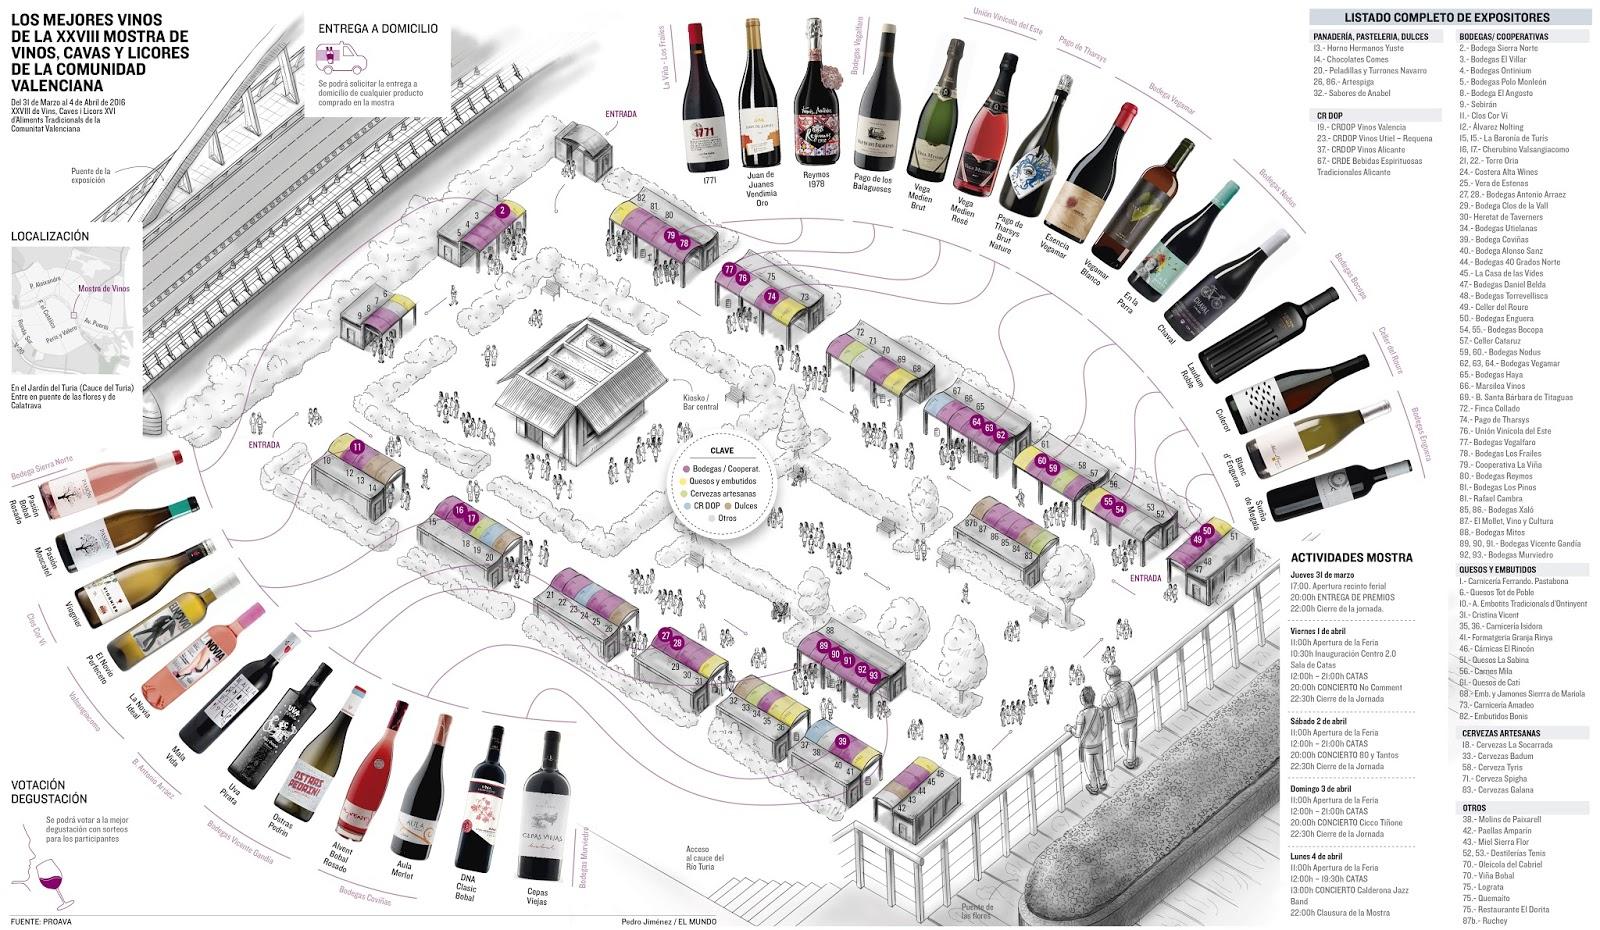 Infografía de la XVIII Mostra de Vinos de la Comunidad Valenciana expositores